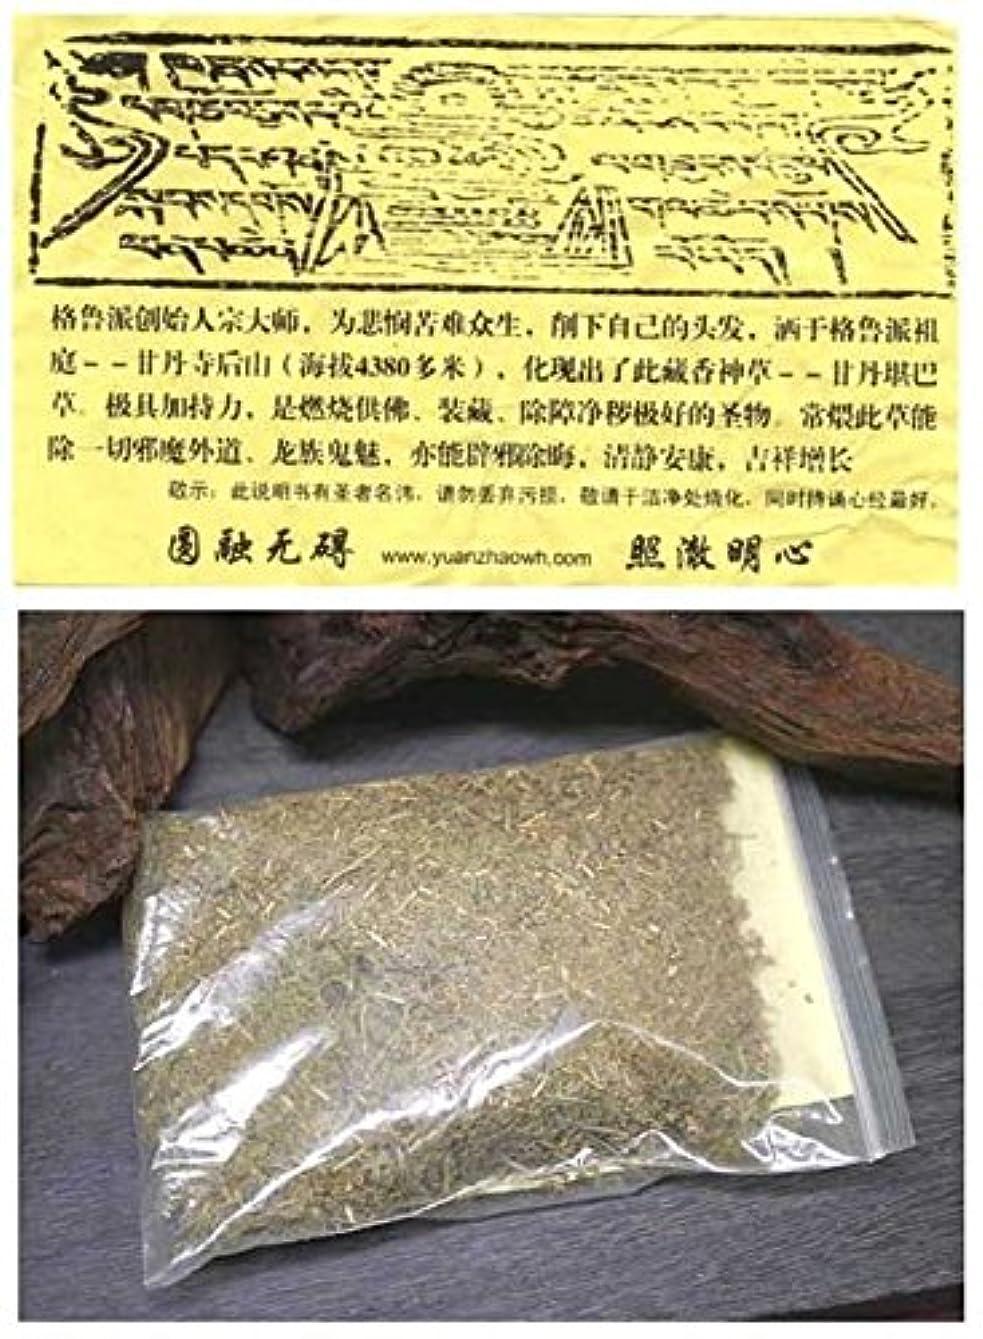 効能郵便物ラベル照文化 チベットのガンデン寺近くで採取される神草のお香【甘丹堪巴草】 照文化